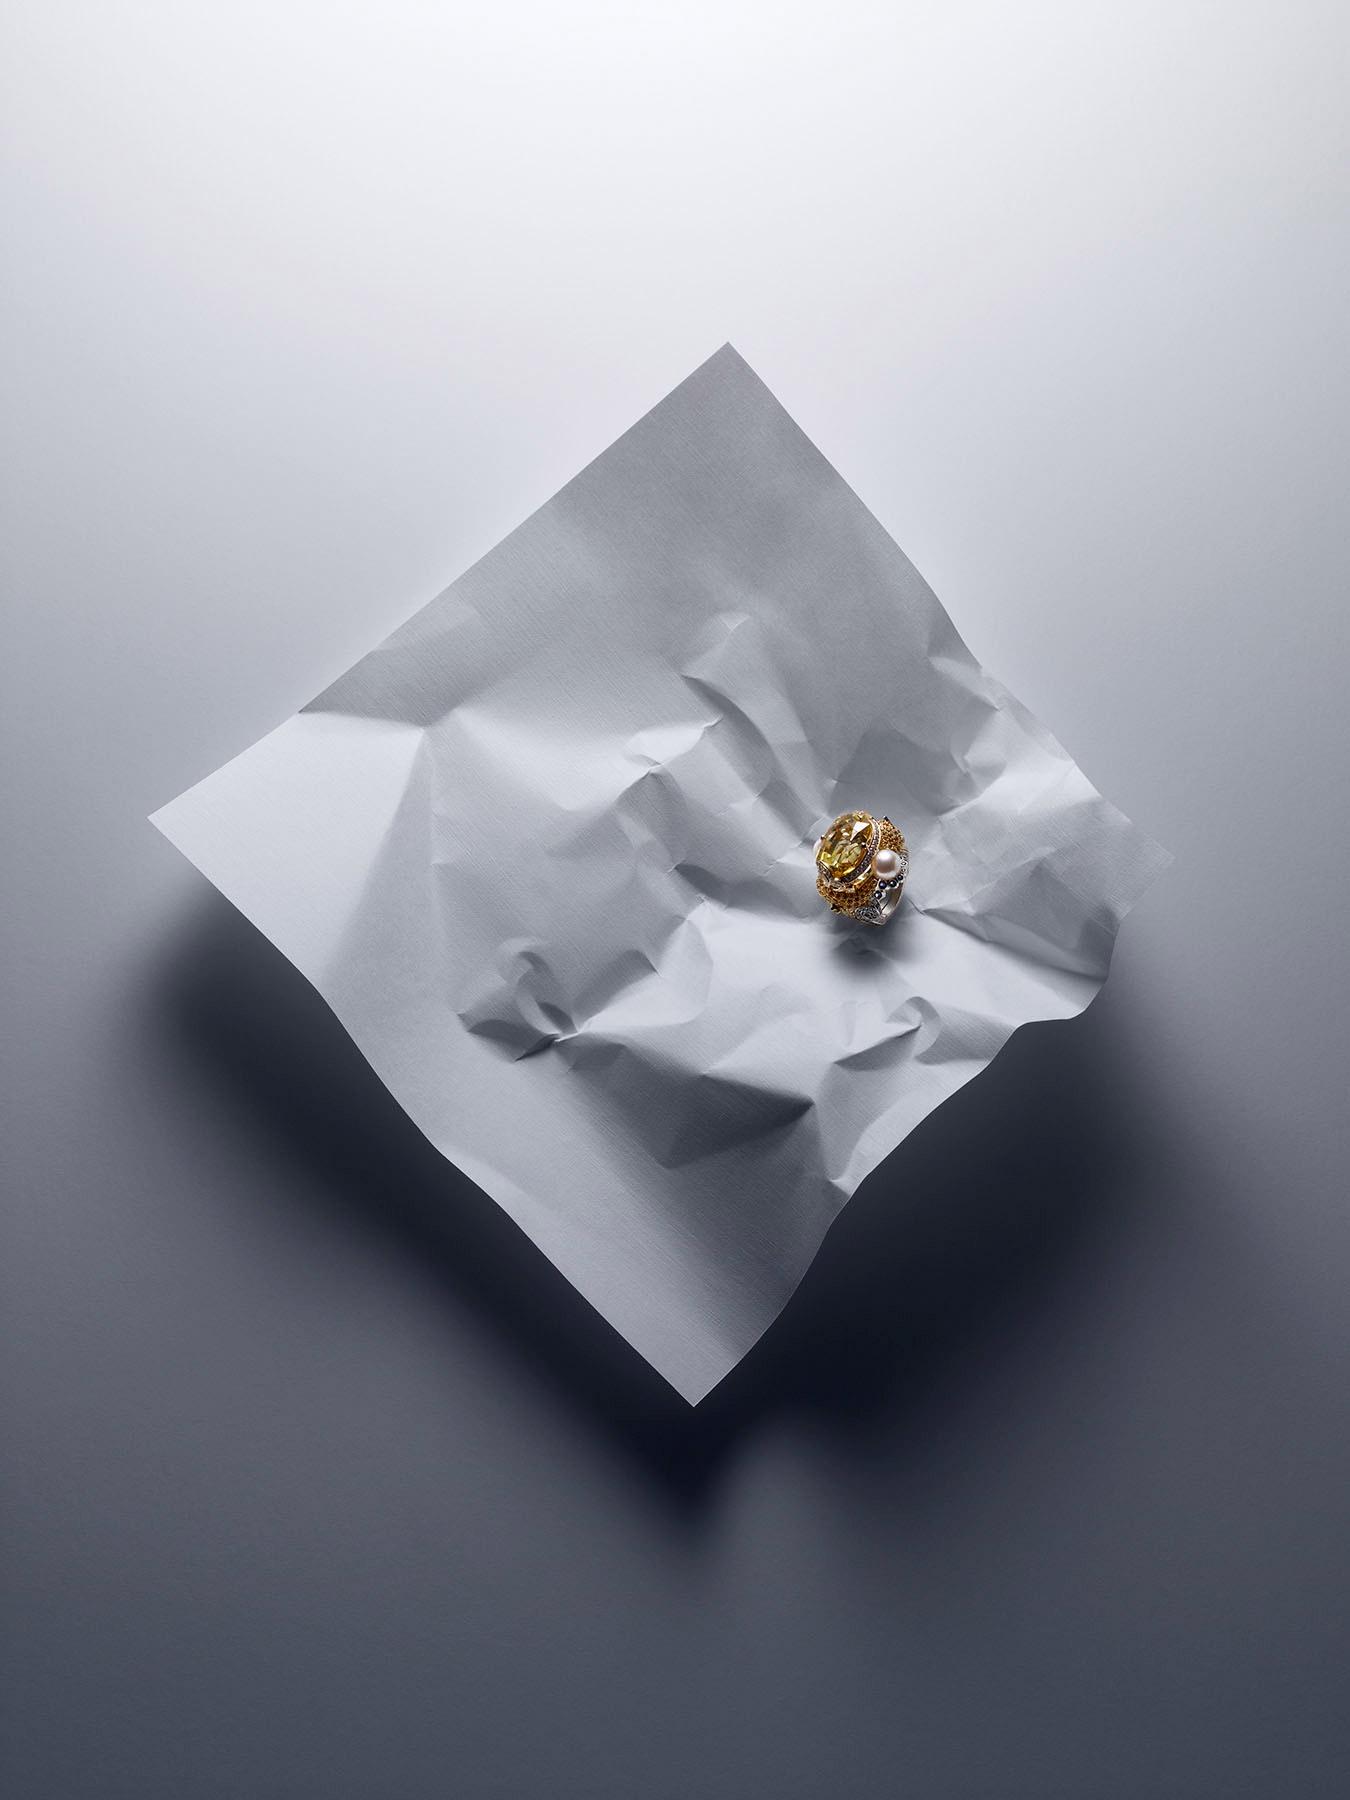 e06sochic_origami